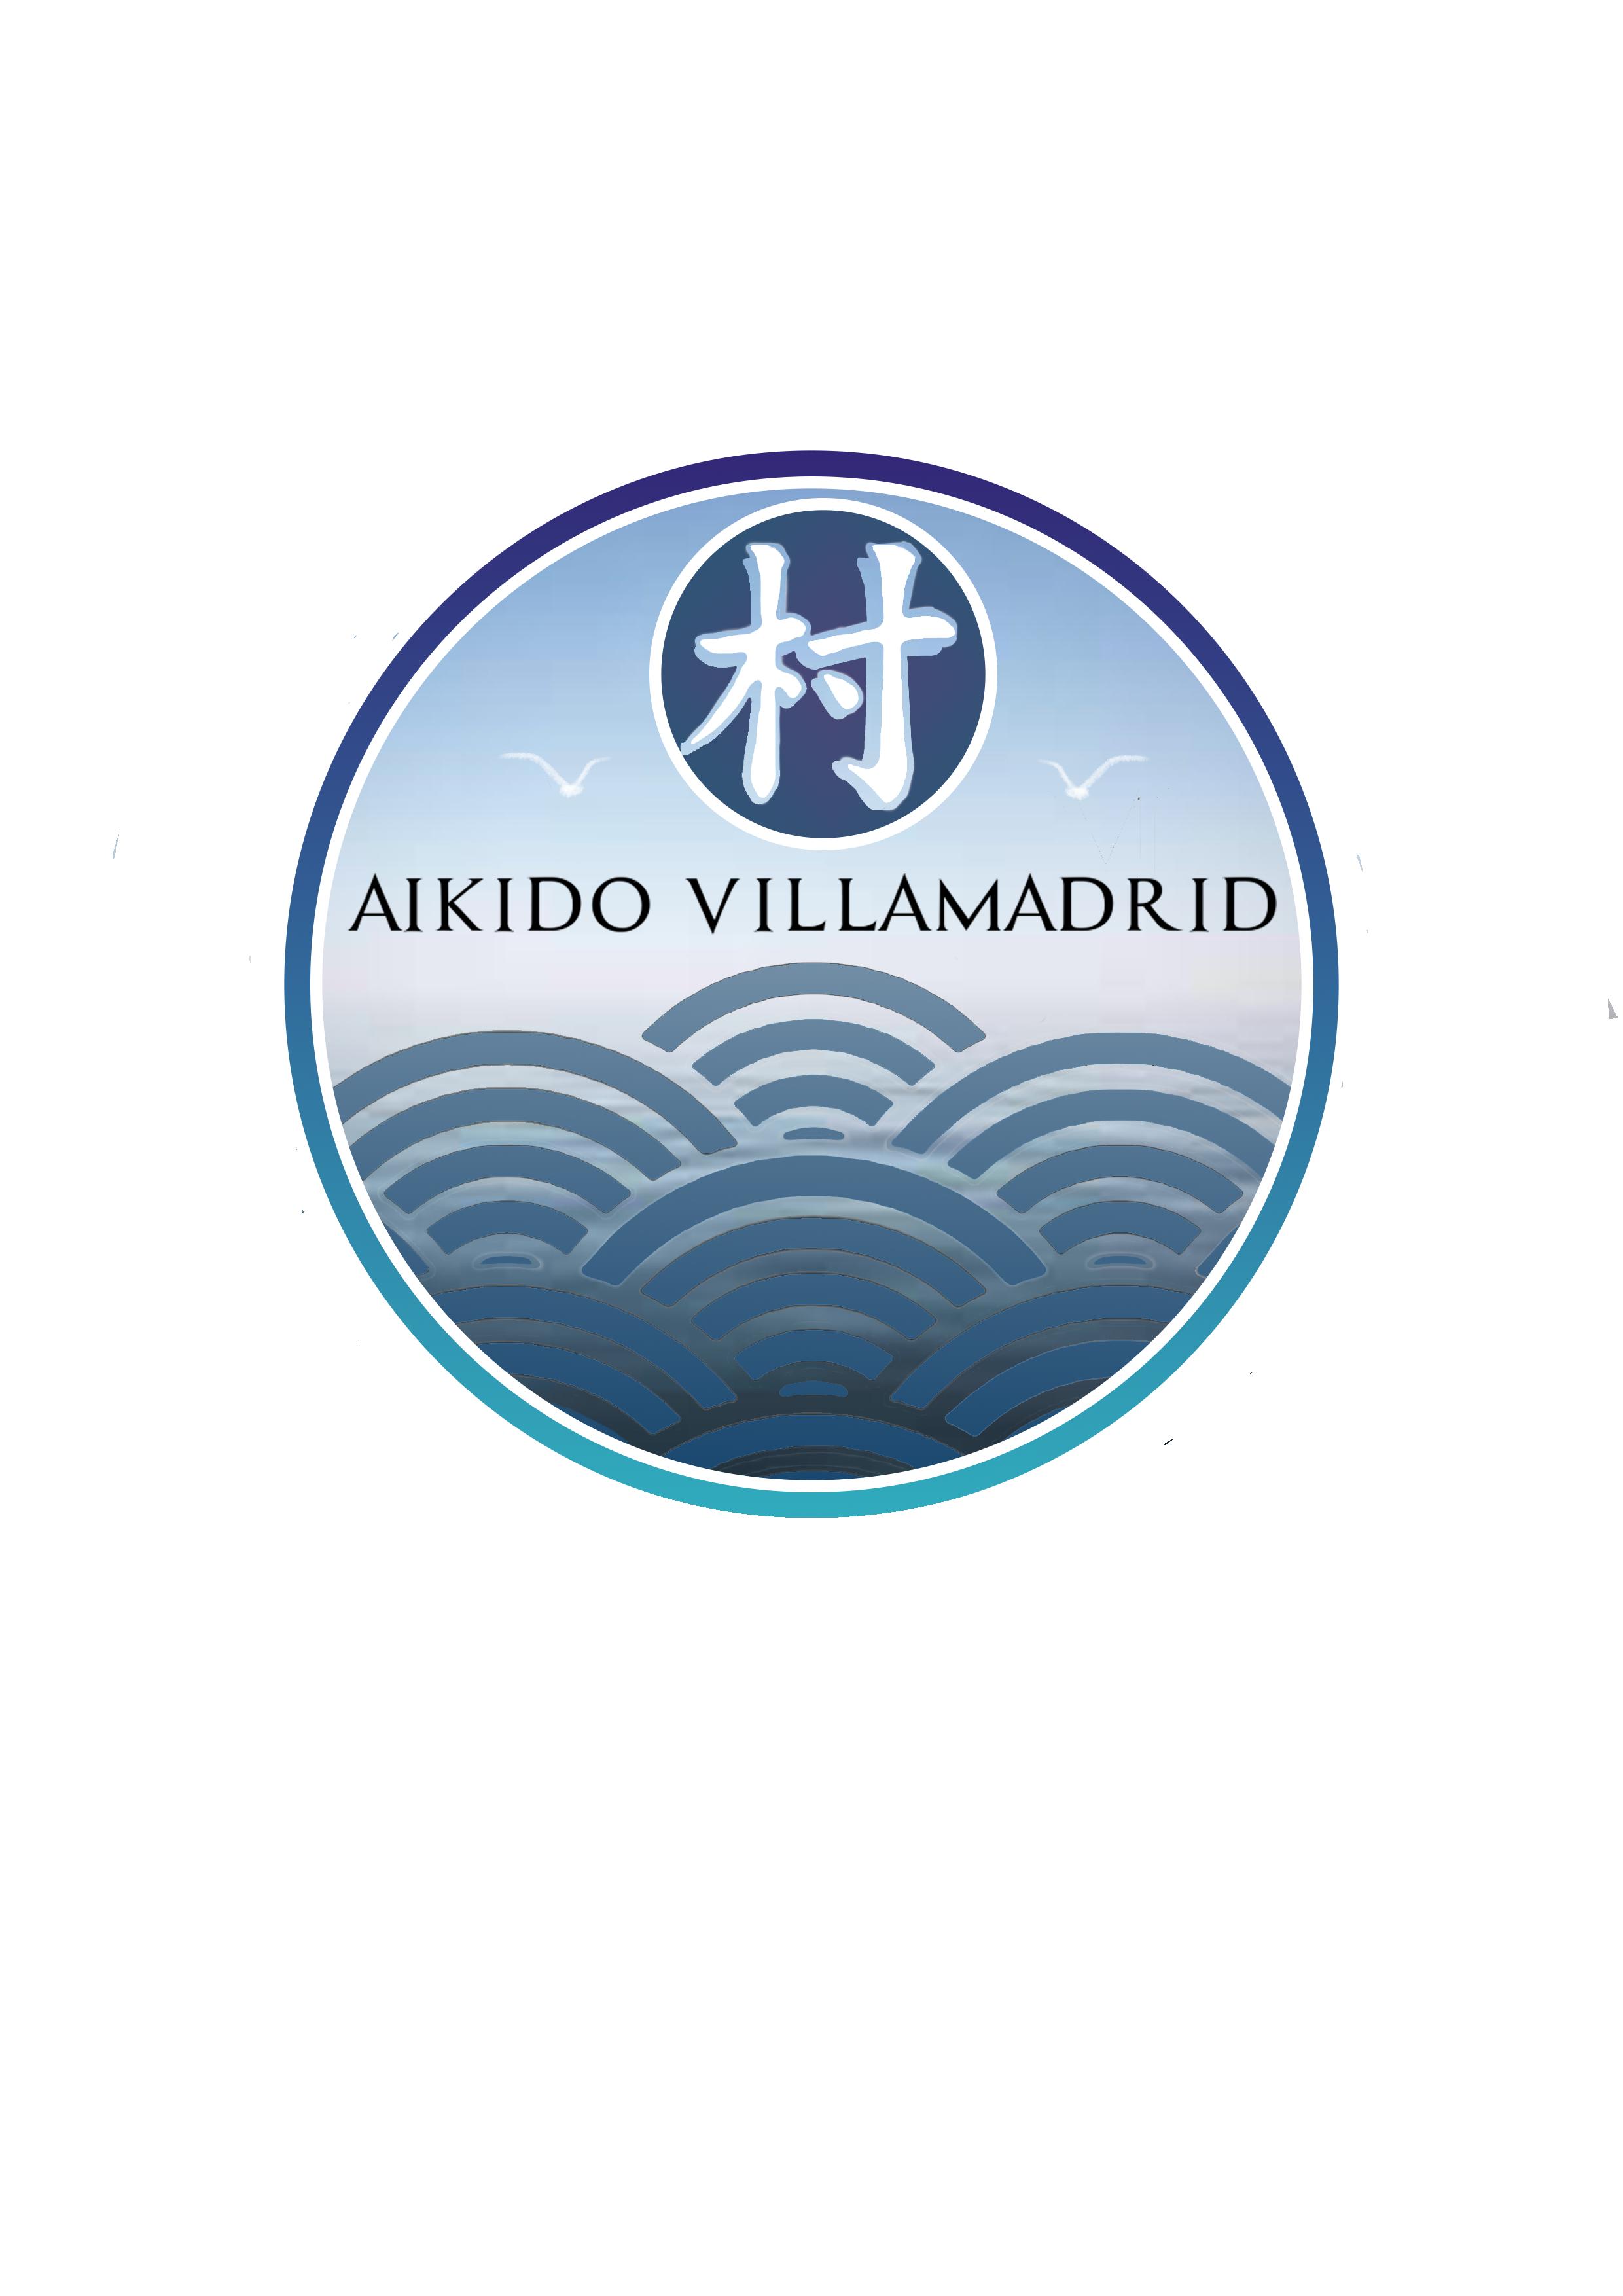 Aikido en Madrid. Logo Aikido Villamadrid